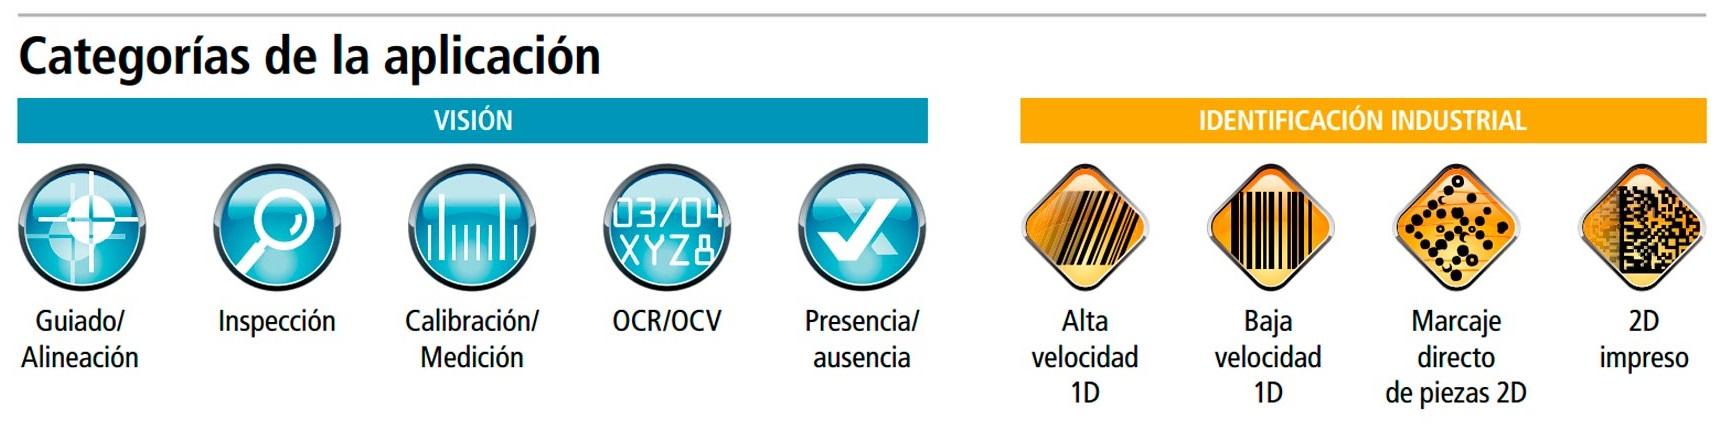 categorías aplicación visión artificial